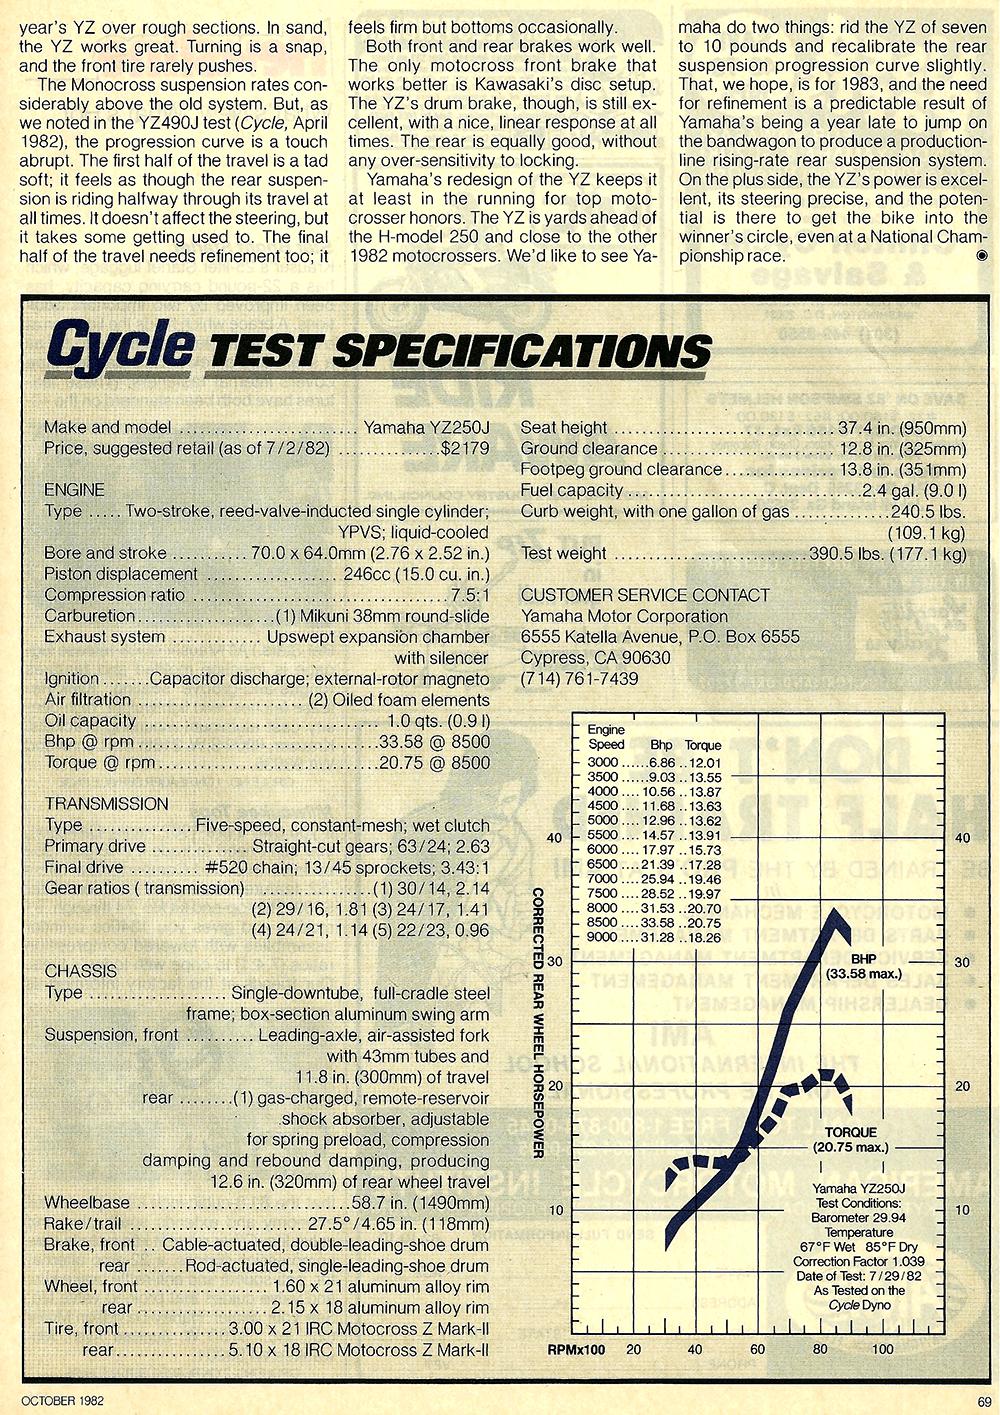 1982 Yamaha YZ250J road test 7.jpg